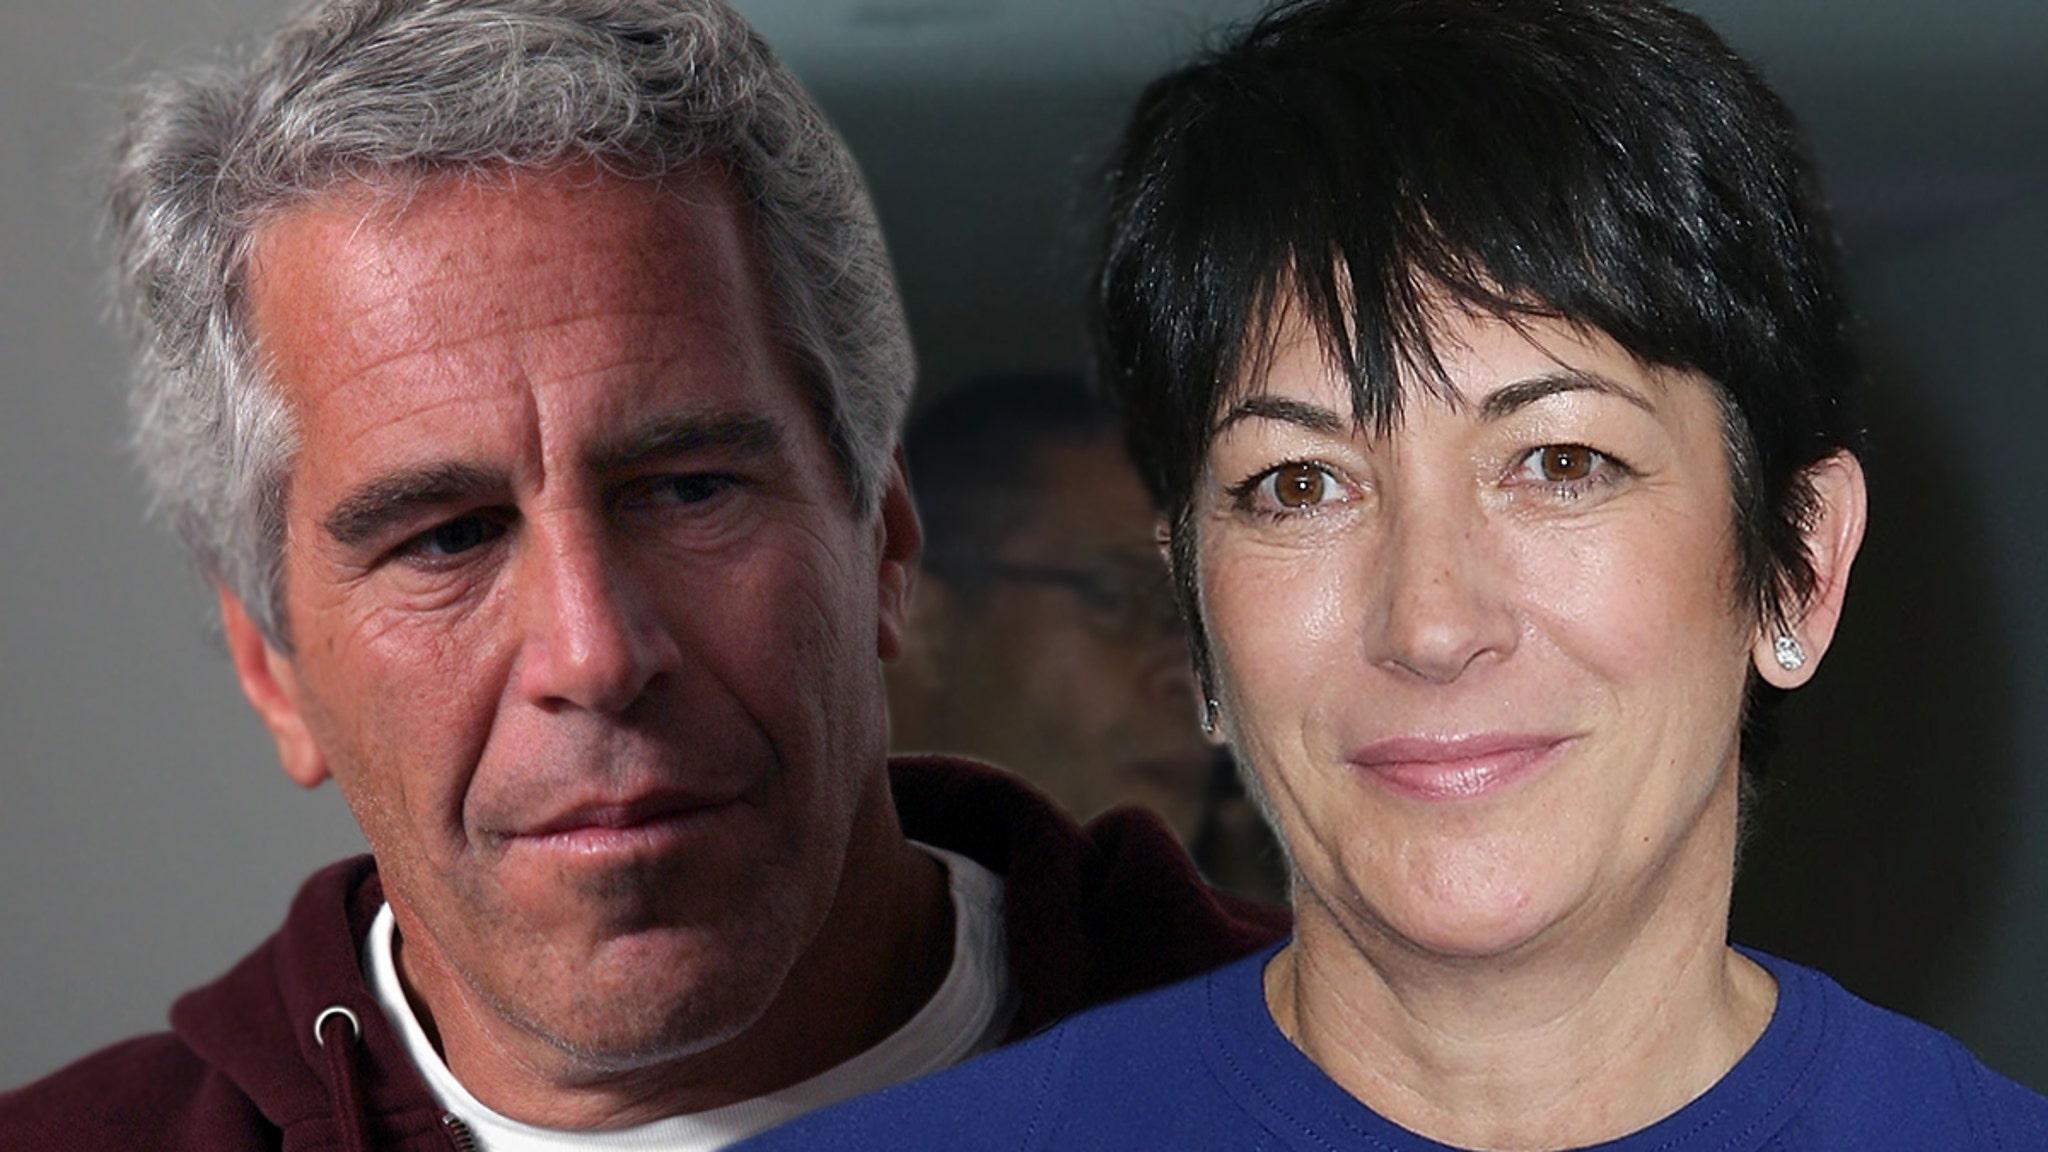 Jeffrey Epstein's Accuser Sues His Estate, Alleged Recruiter